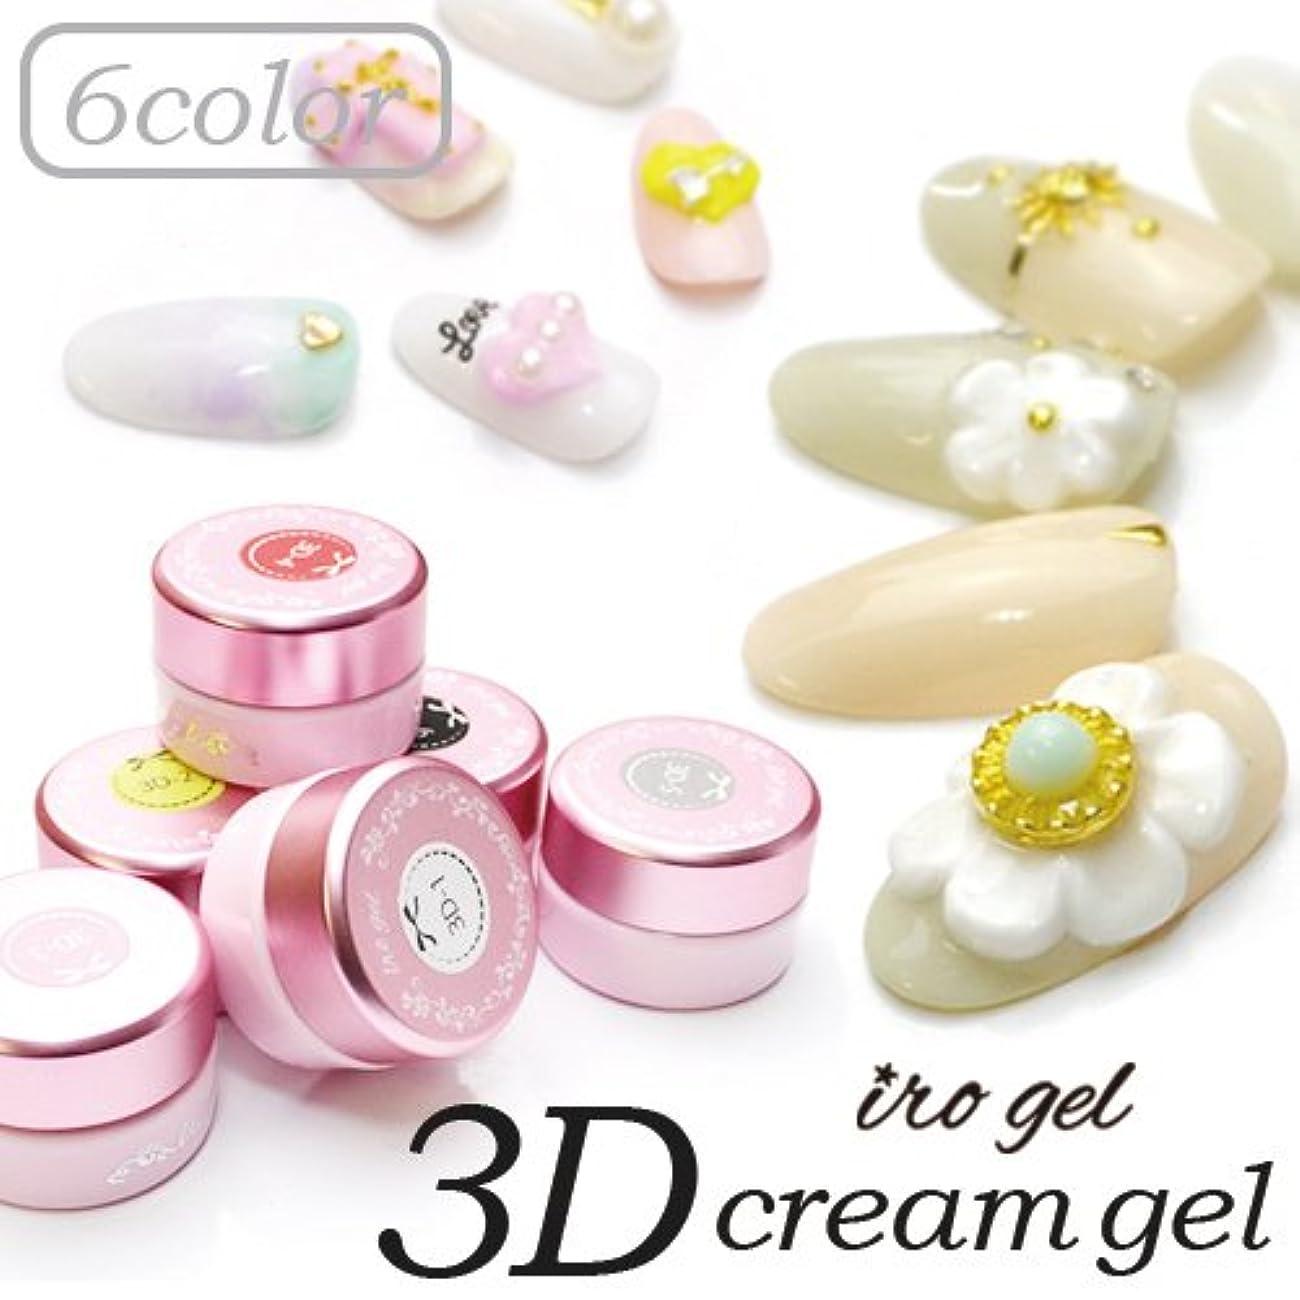 摂氏聴覚障害者対処する3D irogel(イロジェル)クリームジェル「1 ホワイト」3Dジェルネイル